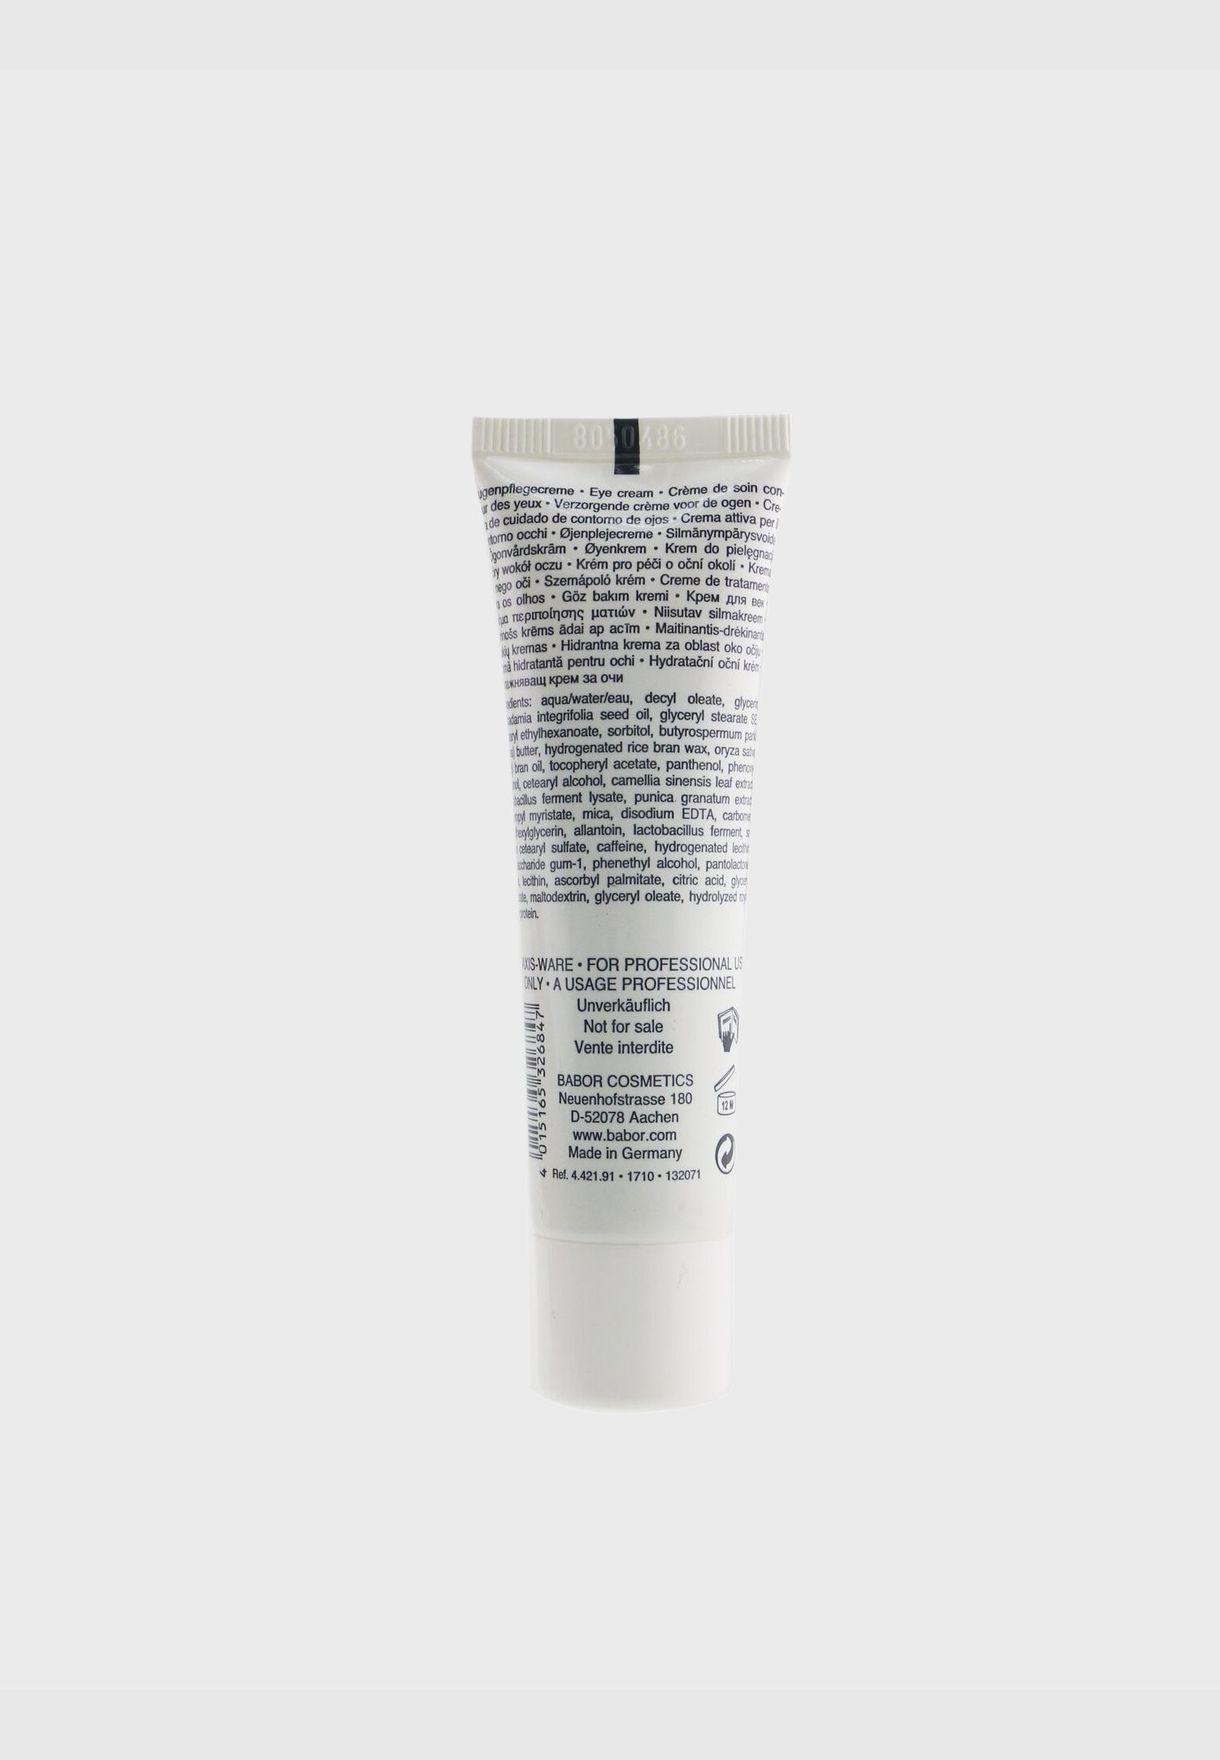 كريم عيون مرطب Skinovage (حجم صالون)